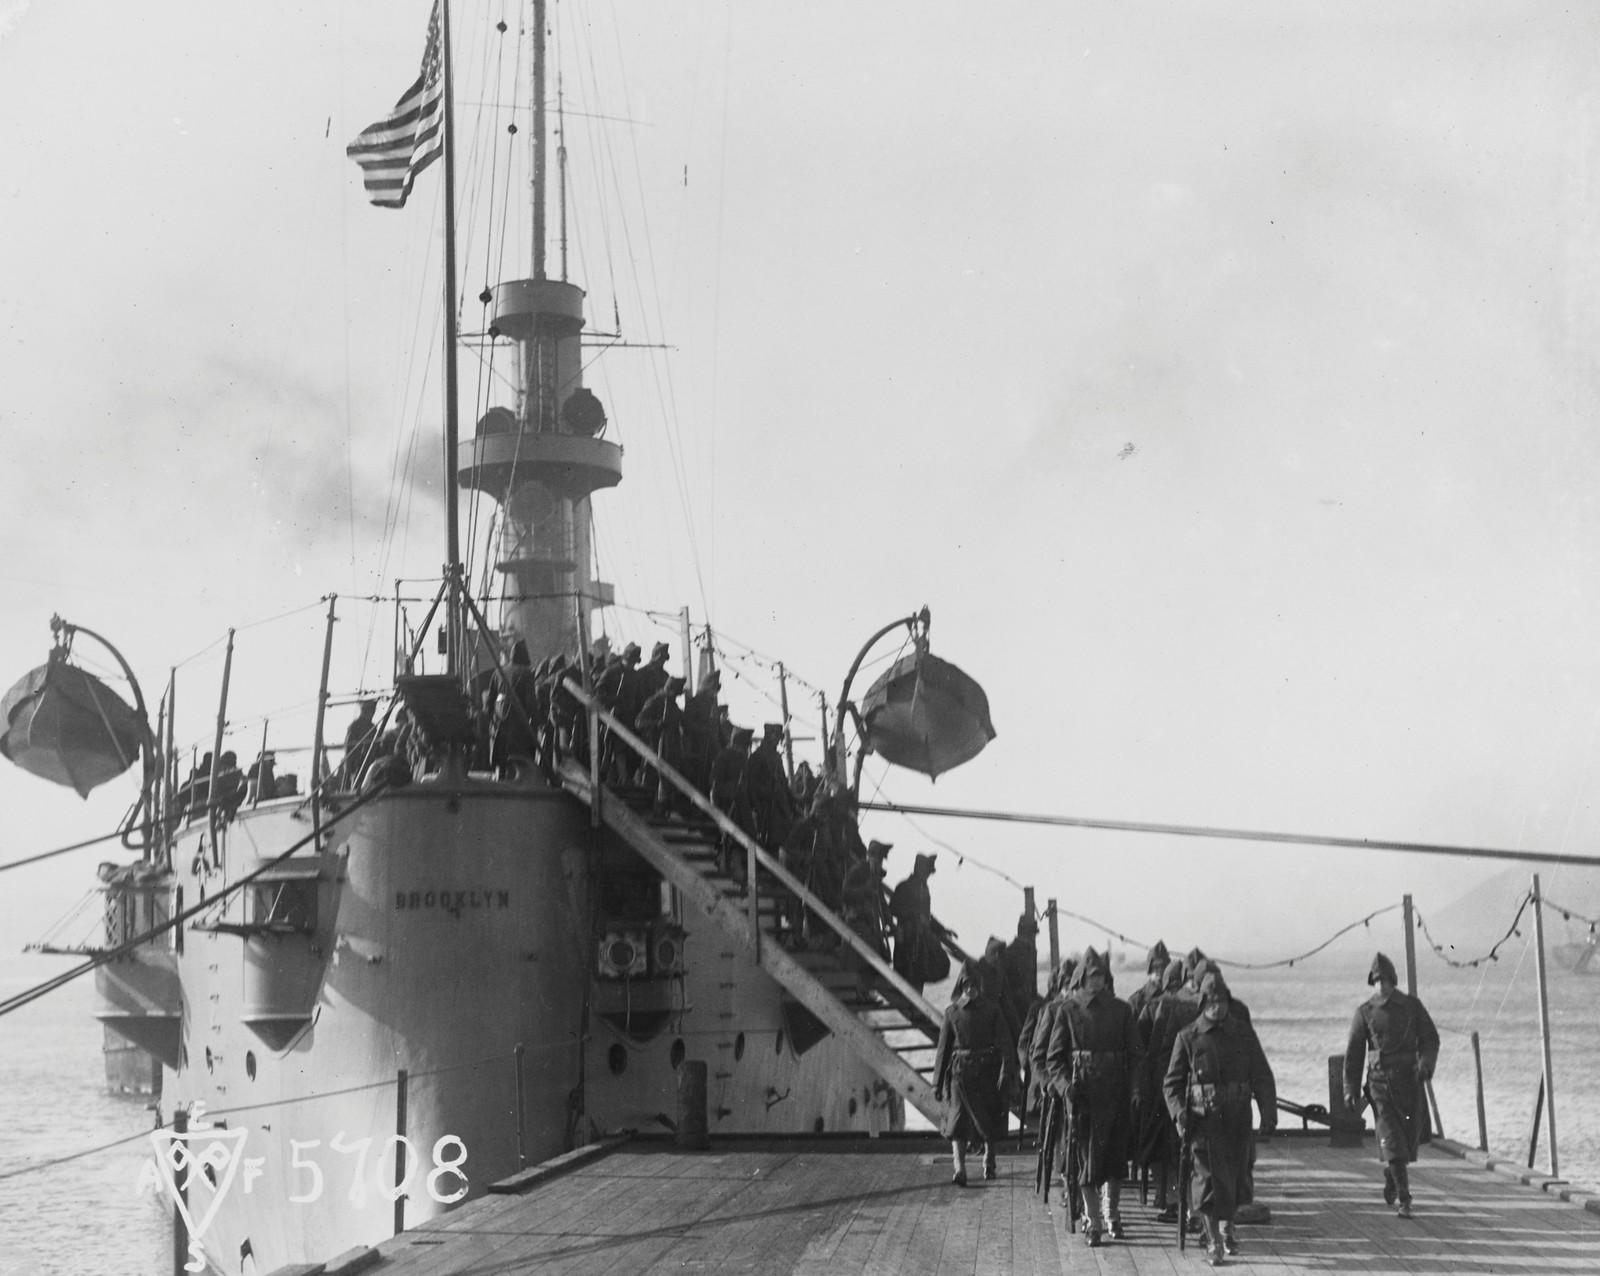 1918. Американские морские пехотинцы высаживаются с броненосного крейсера «Бруклин» во Владивостоке